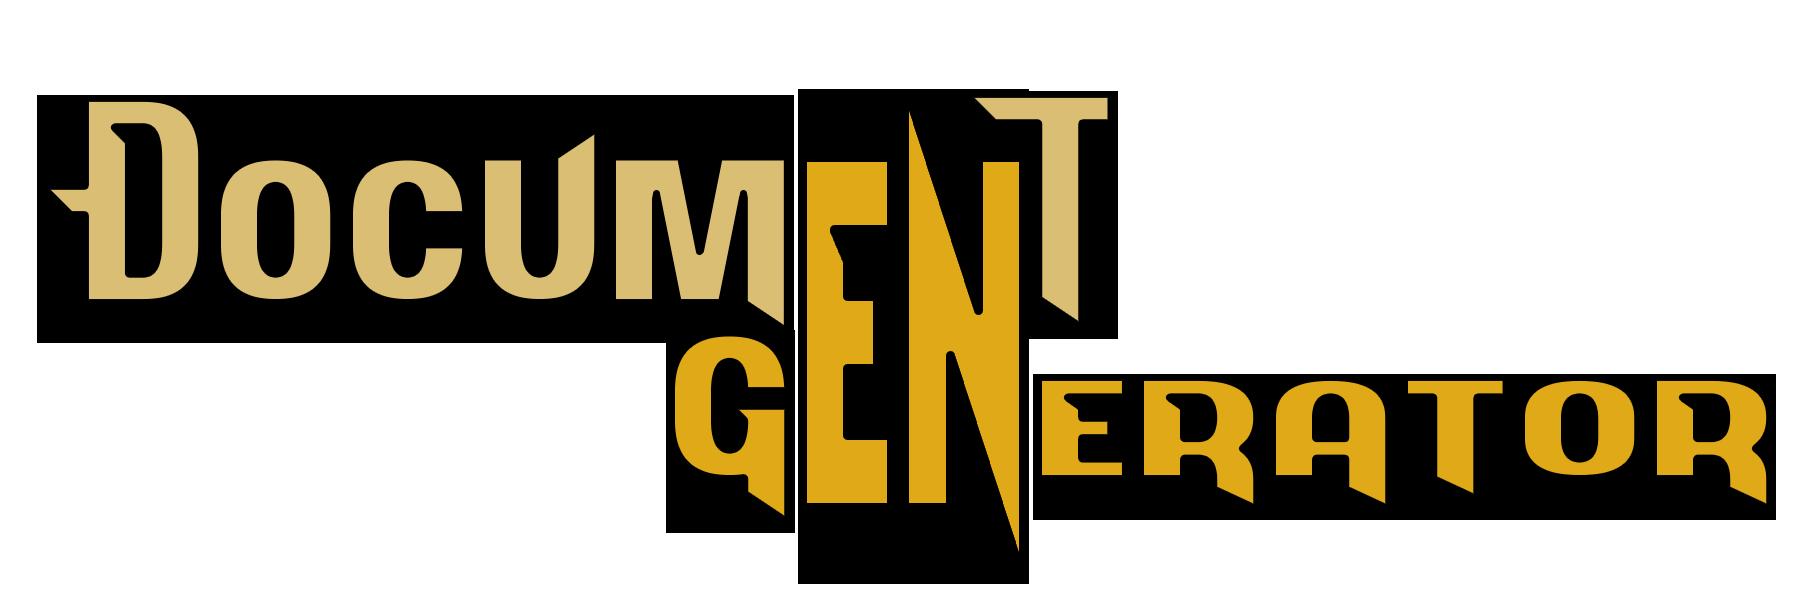 DocumentGenerator